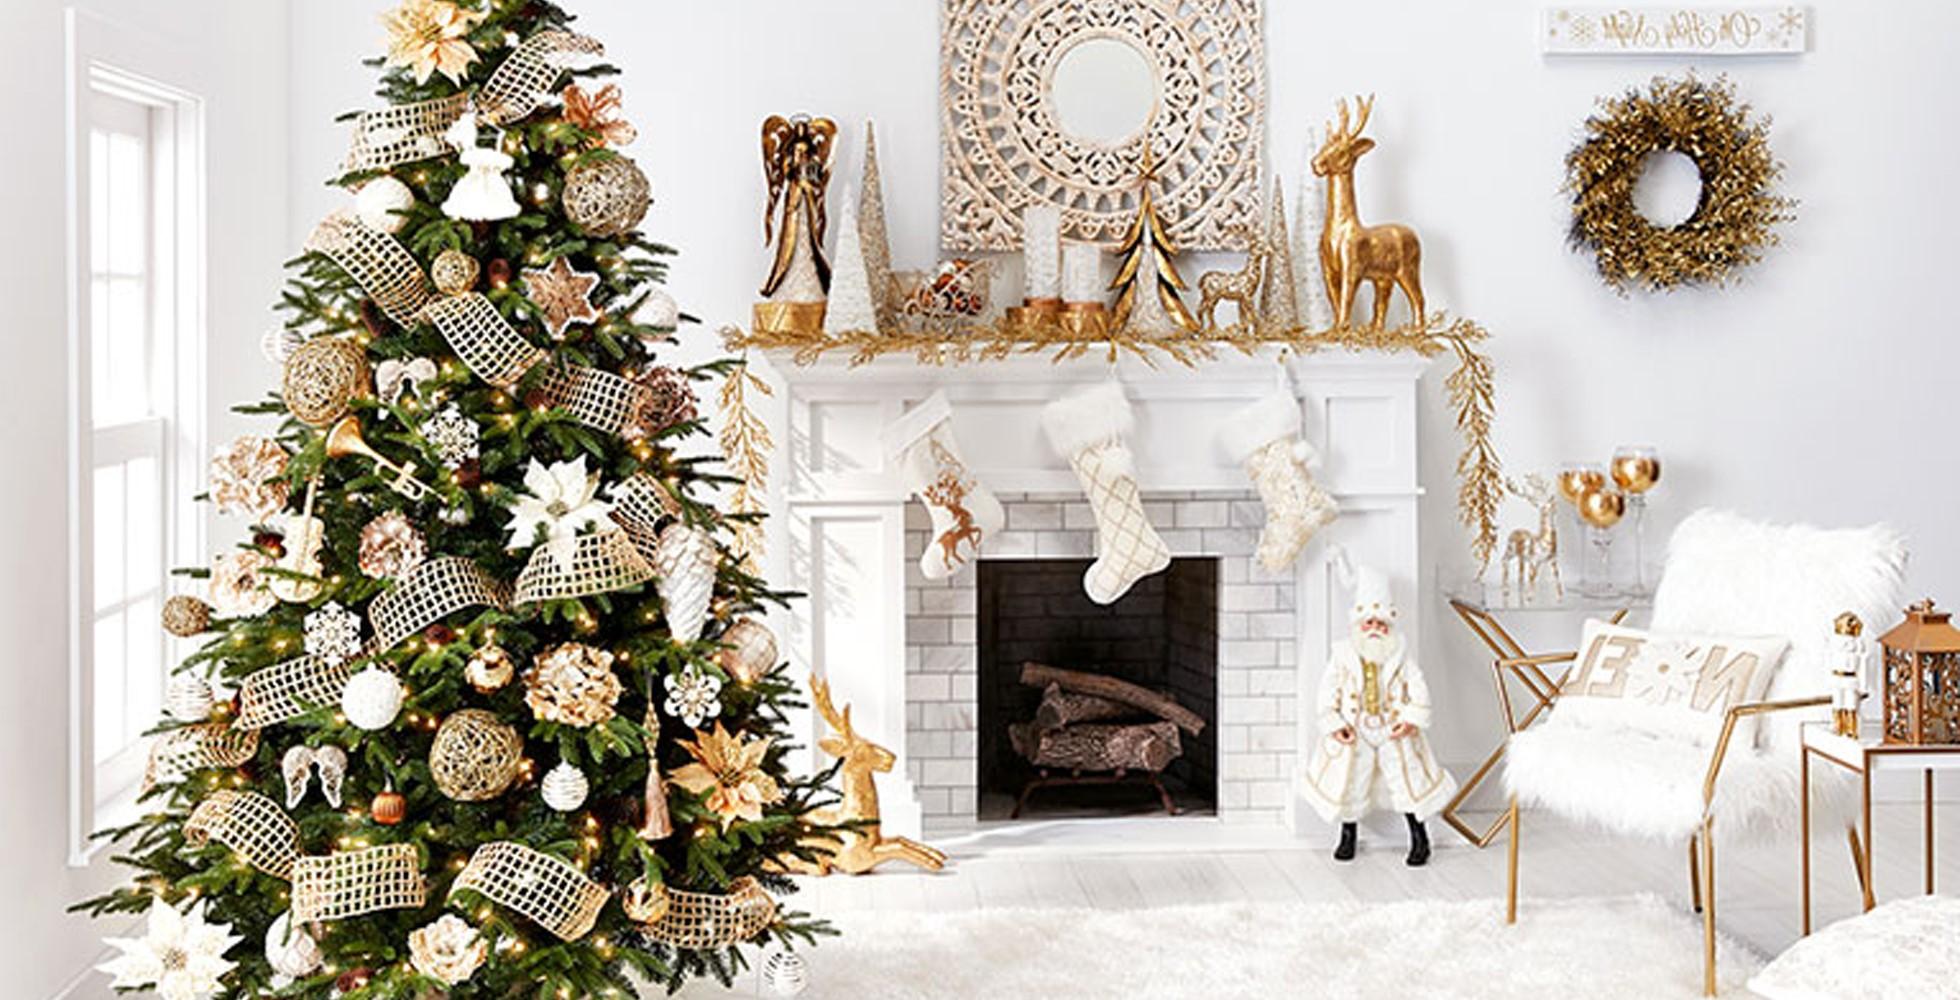 Idées de décoration de Noël en blanc, or et vert.